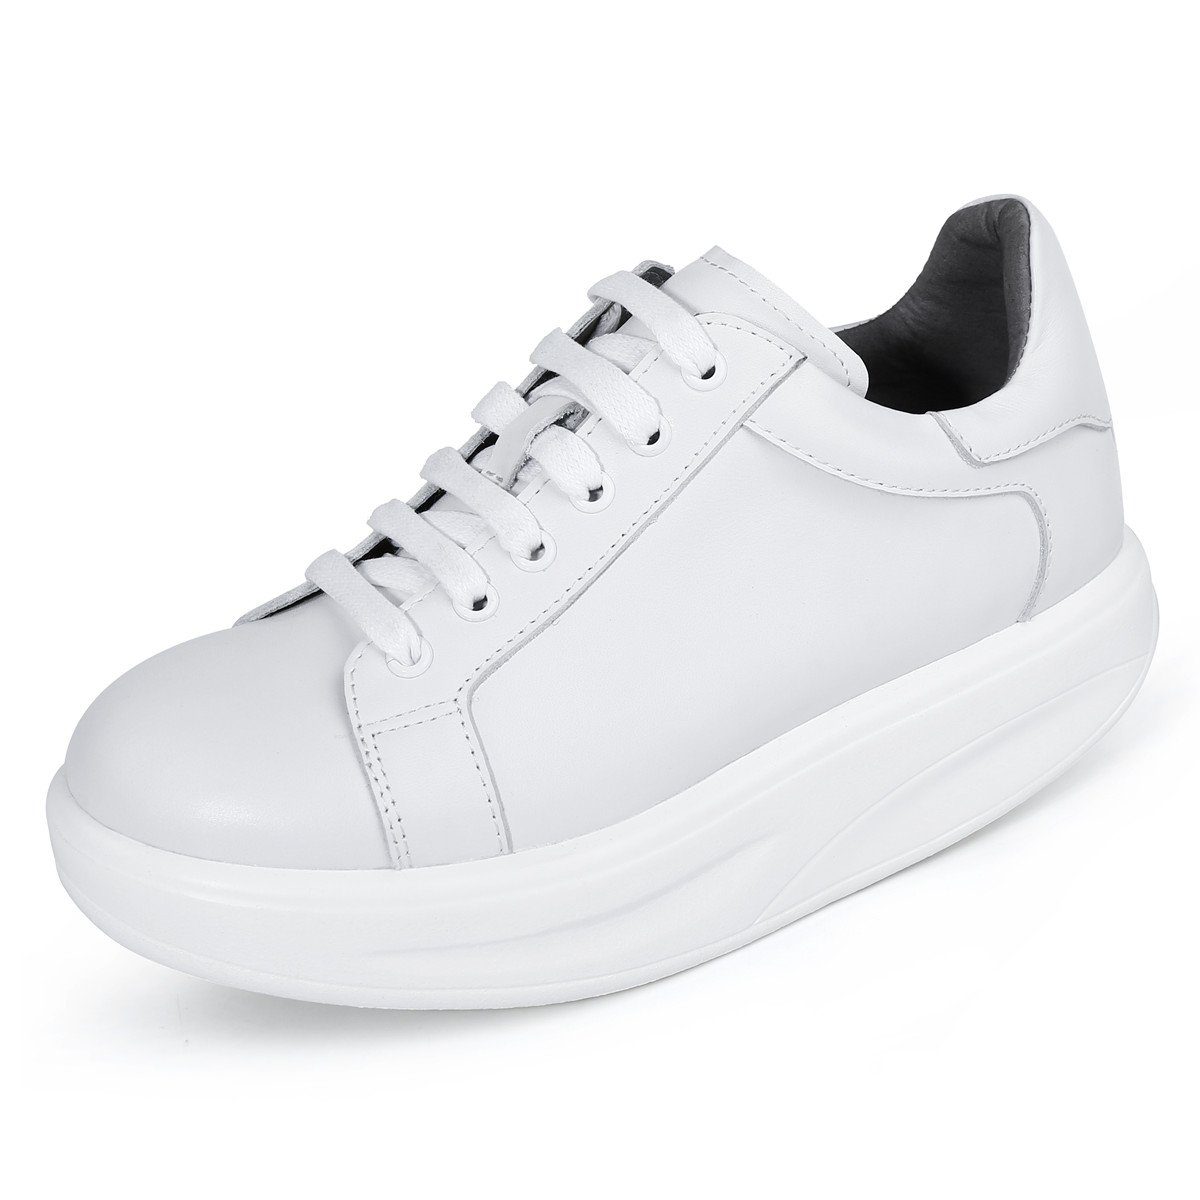 RoseG Femme Cuir Lacets Plateau Blanc Sneakers Derby Plateforme Décontractée Sneakers 316 Blanc 27a24d2 - piero.space